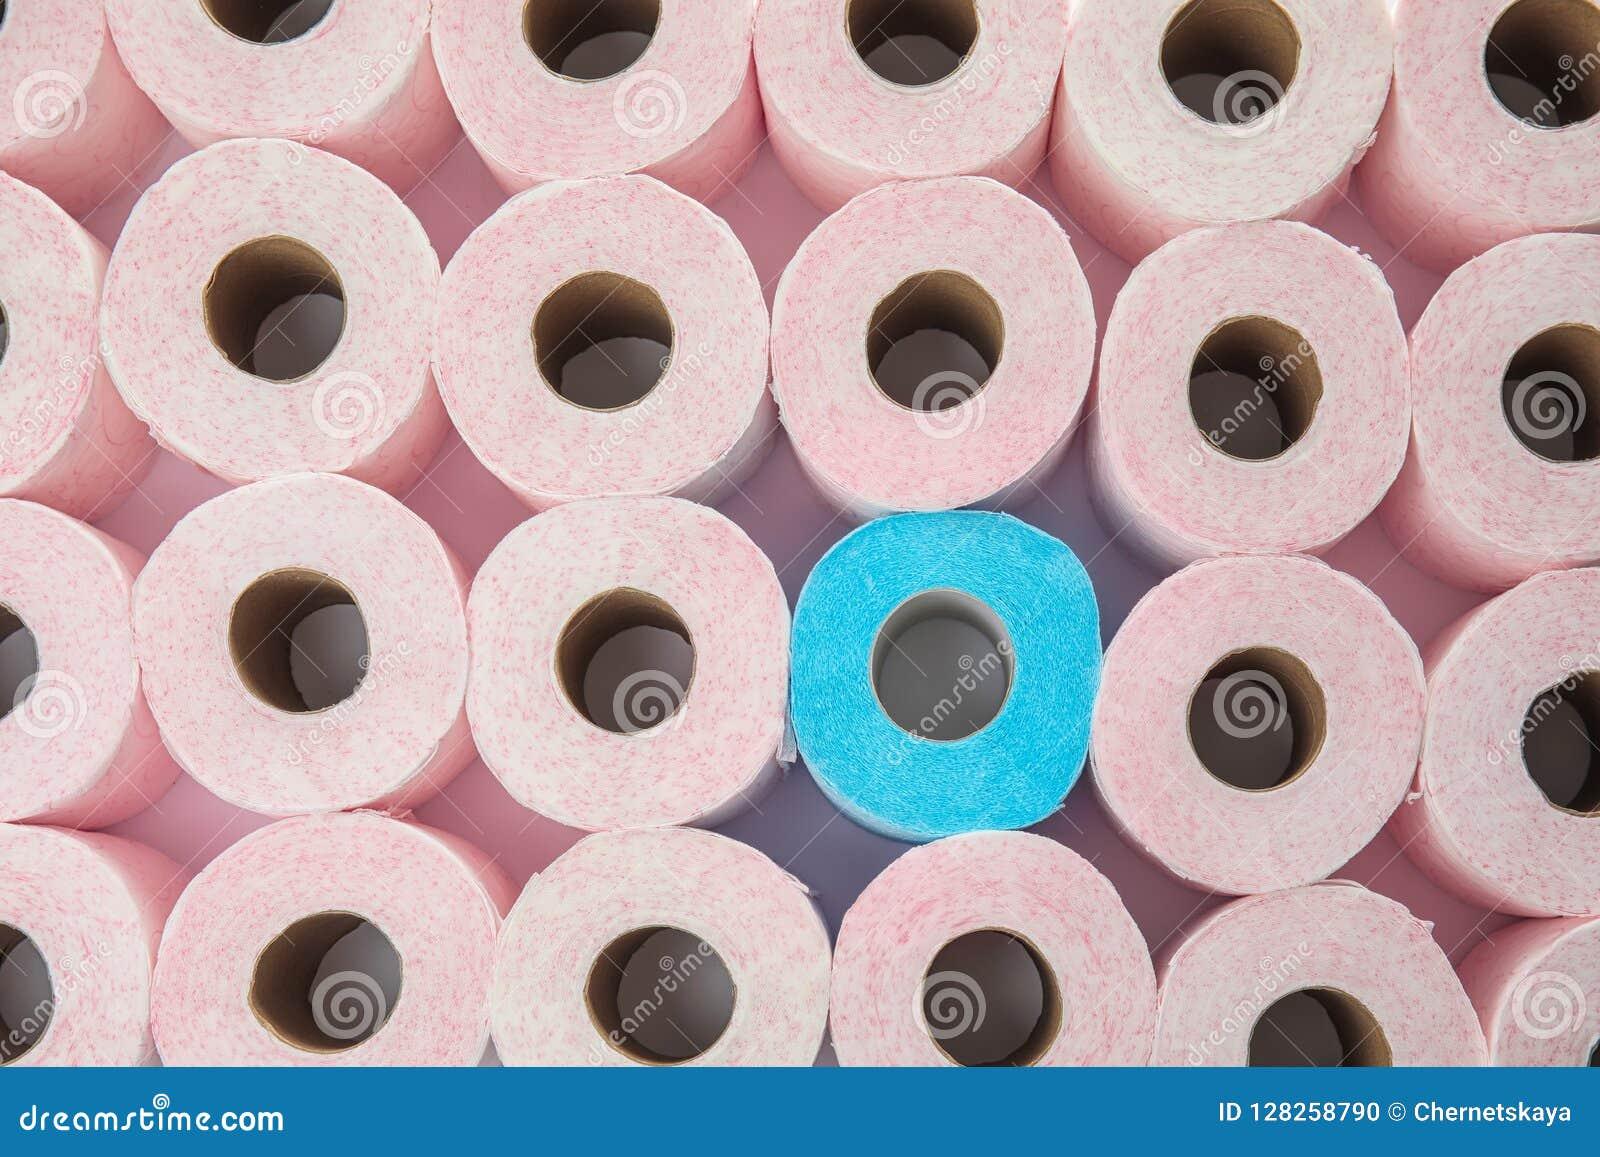 Muitos rolos de papel higiênico como o fundo